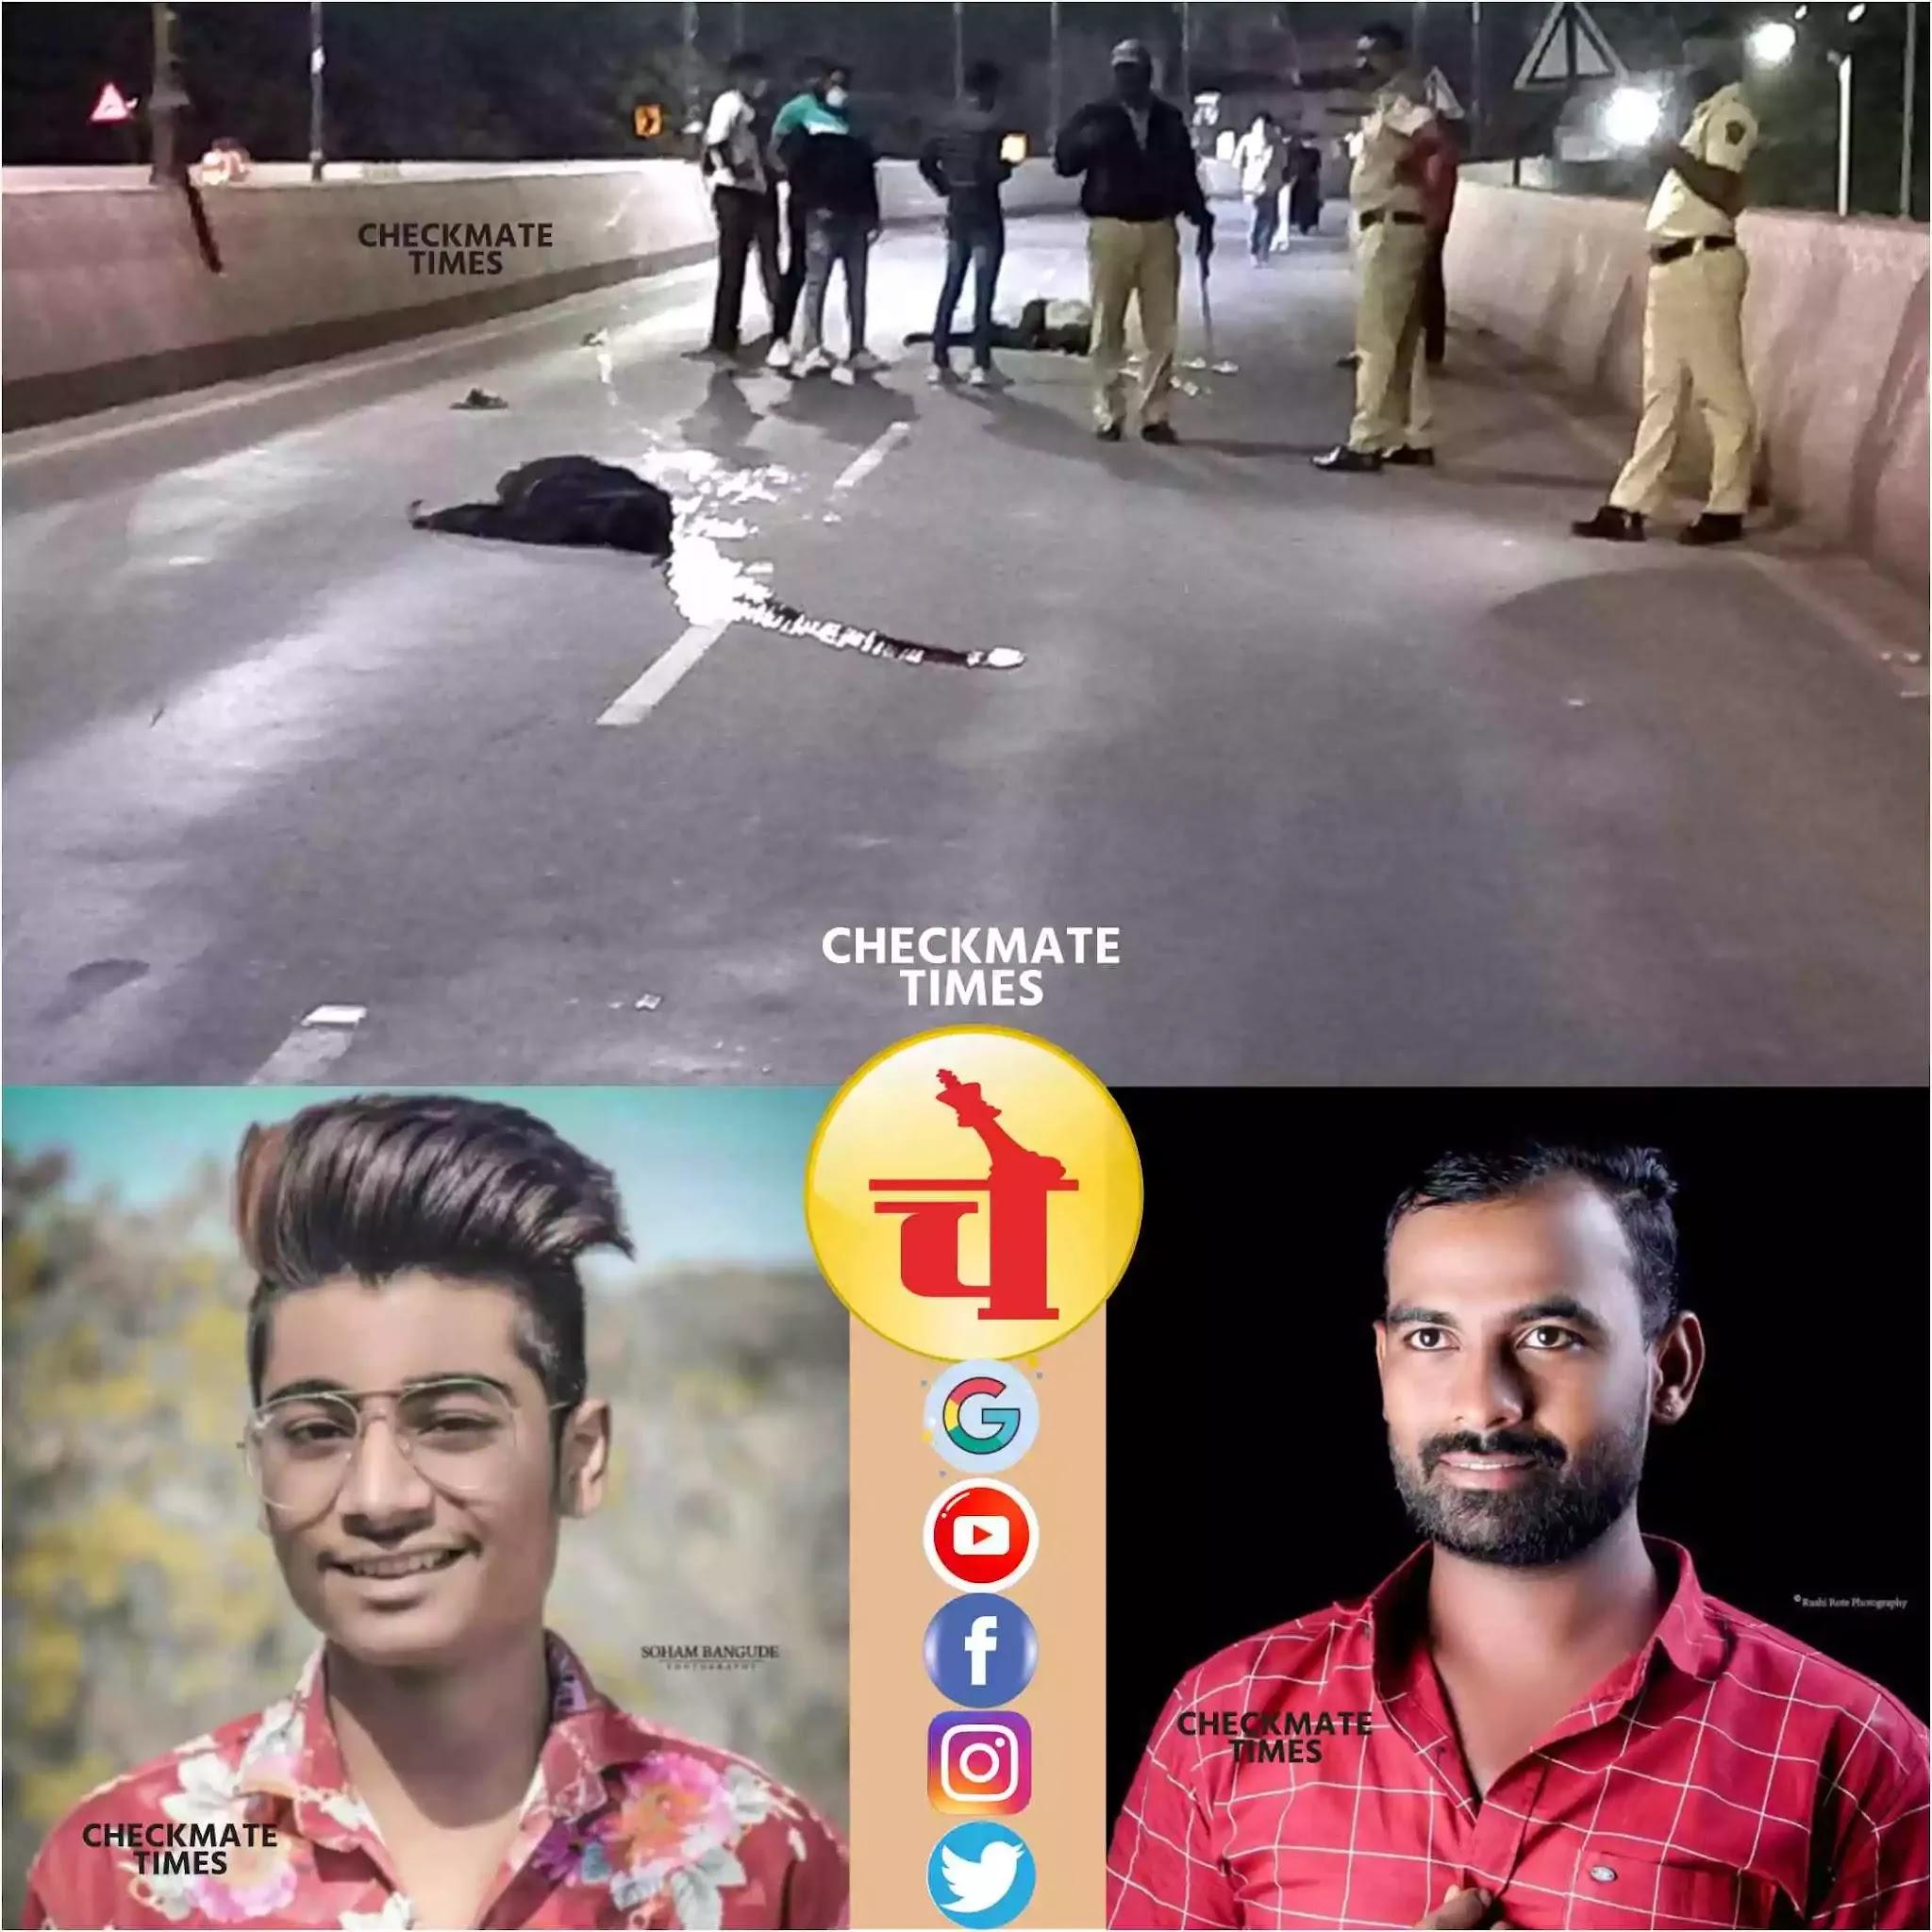 बाप्पाच्या दर्शनाला जाताना कर्वेनगर मध्ये अपघात, दोन तरुणांचा दुर्दैवी मृत्यू; वारजे माळवाडी'वर शोककळा